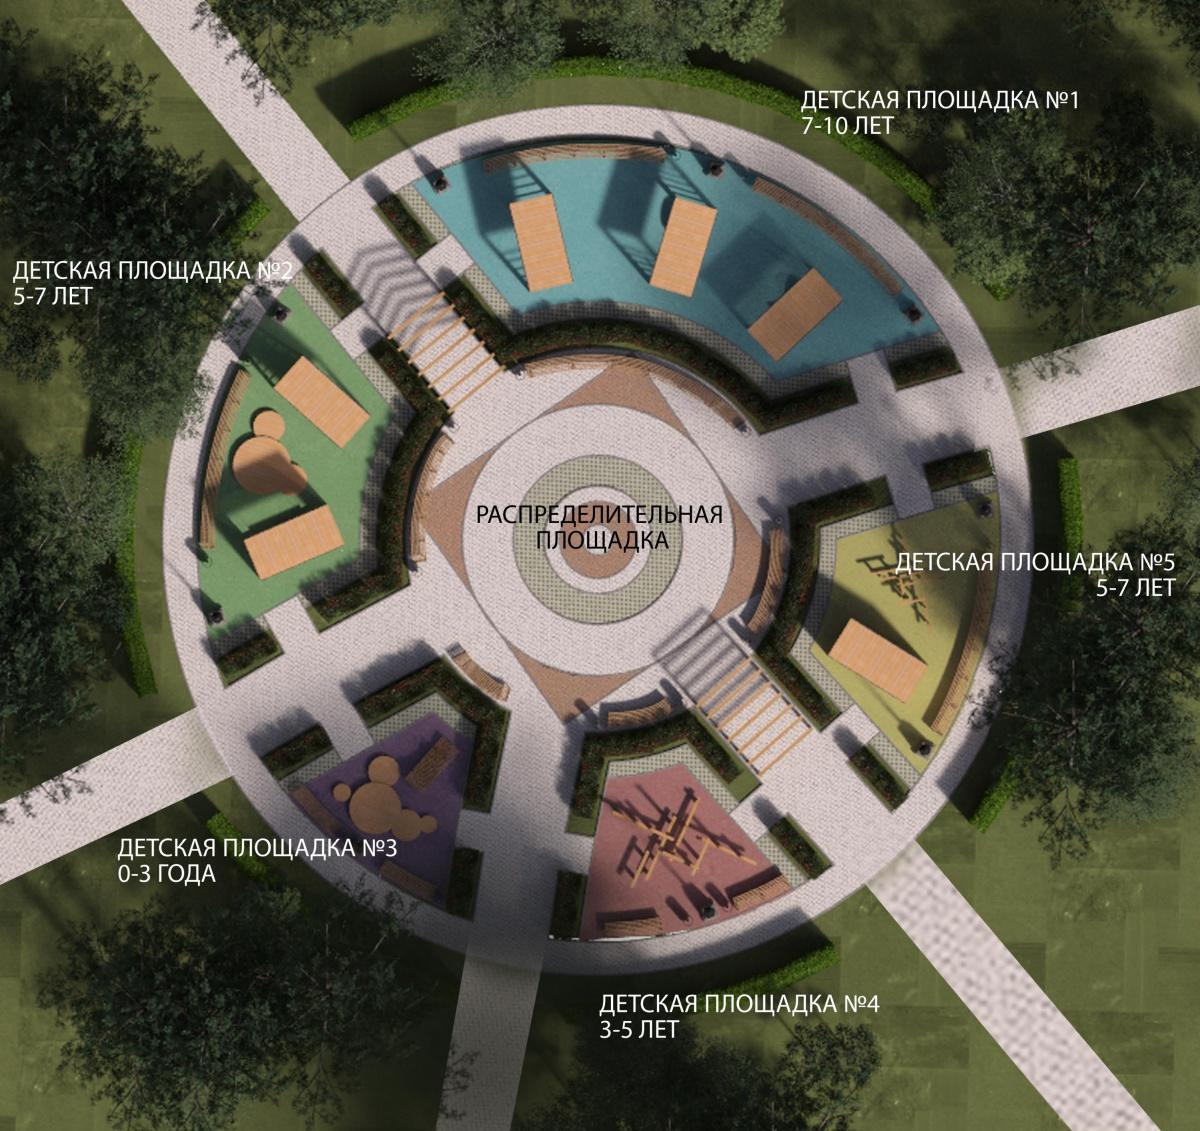 По задумке, для каждого возраста ребёнка будет своя детская площадка —дети будут разделены на 5 групп